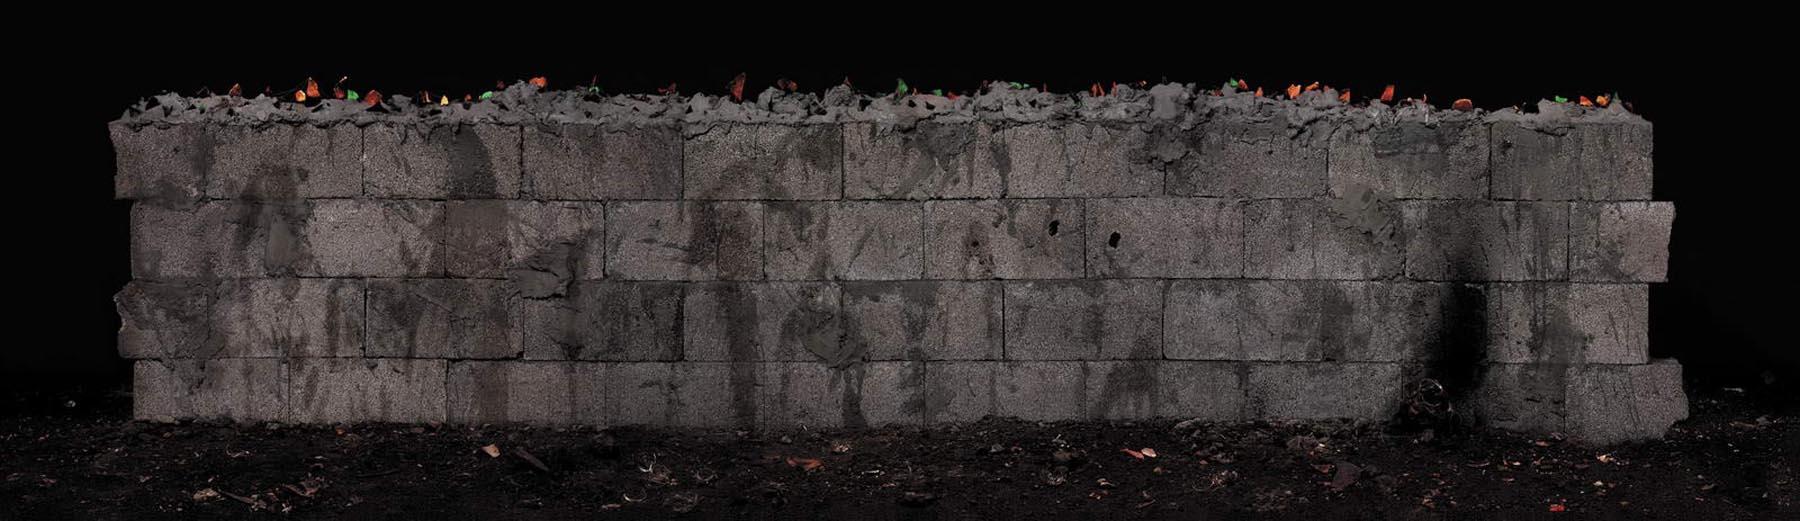 Wall, 2005, Lambda print, 125x436 cm. גדר